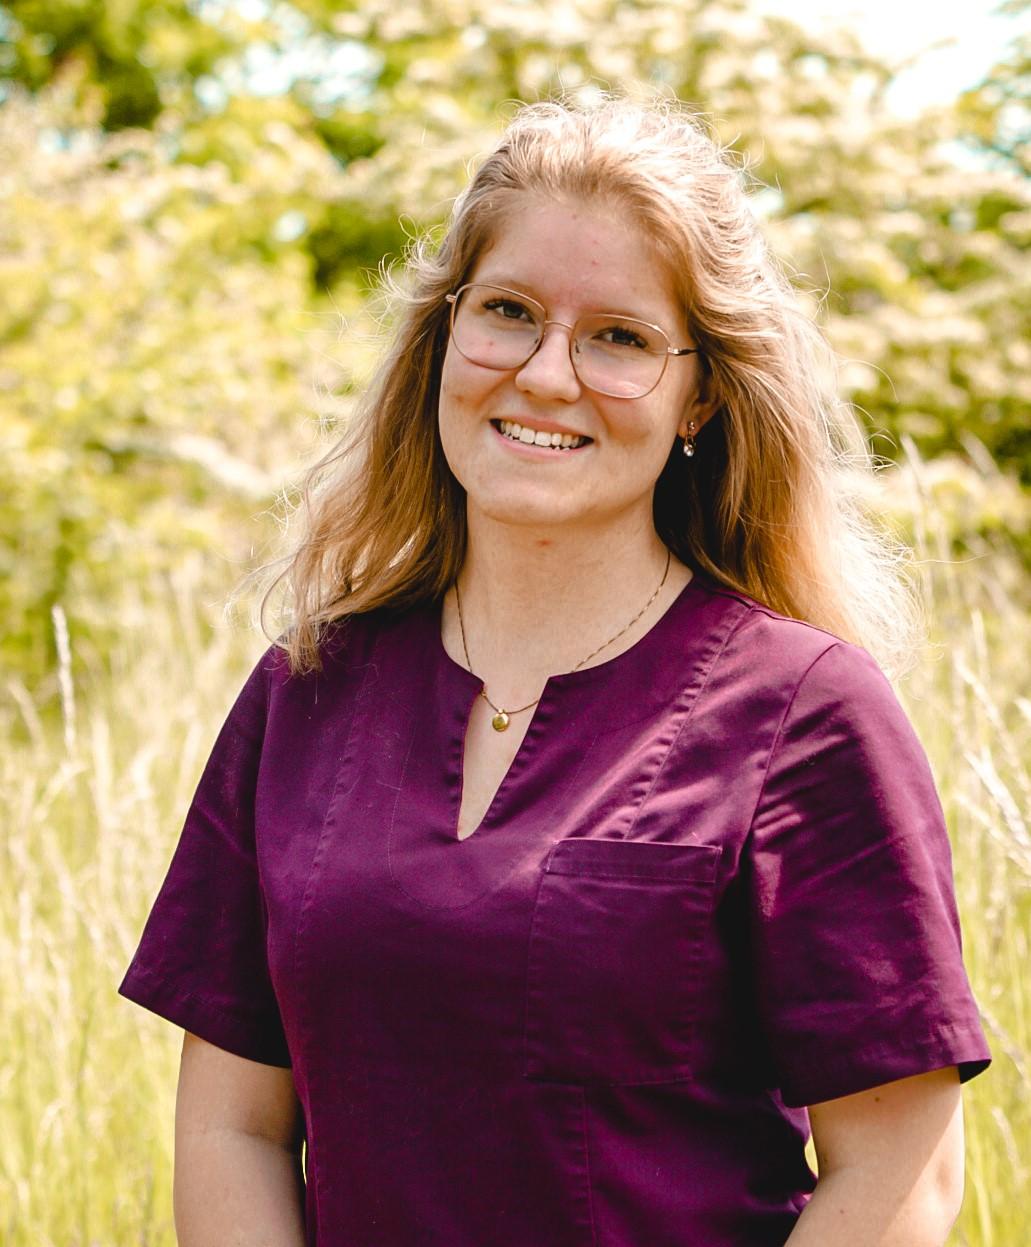 Izabella Wågström